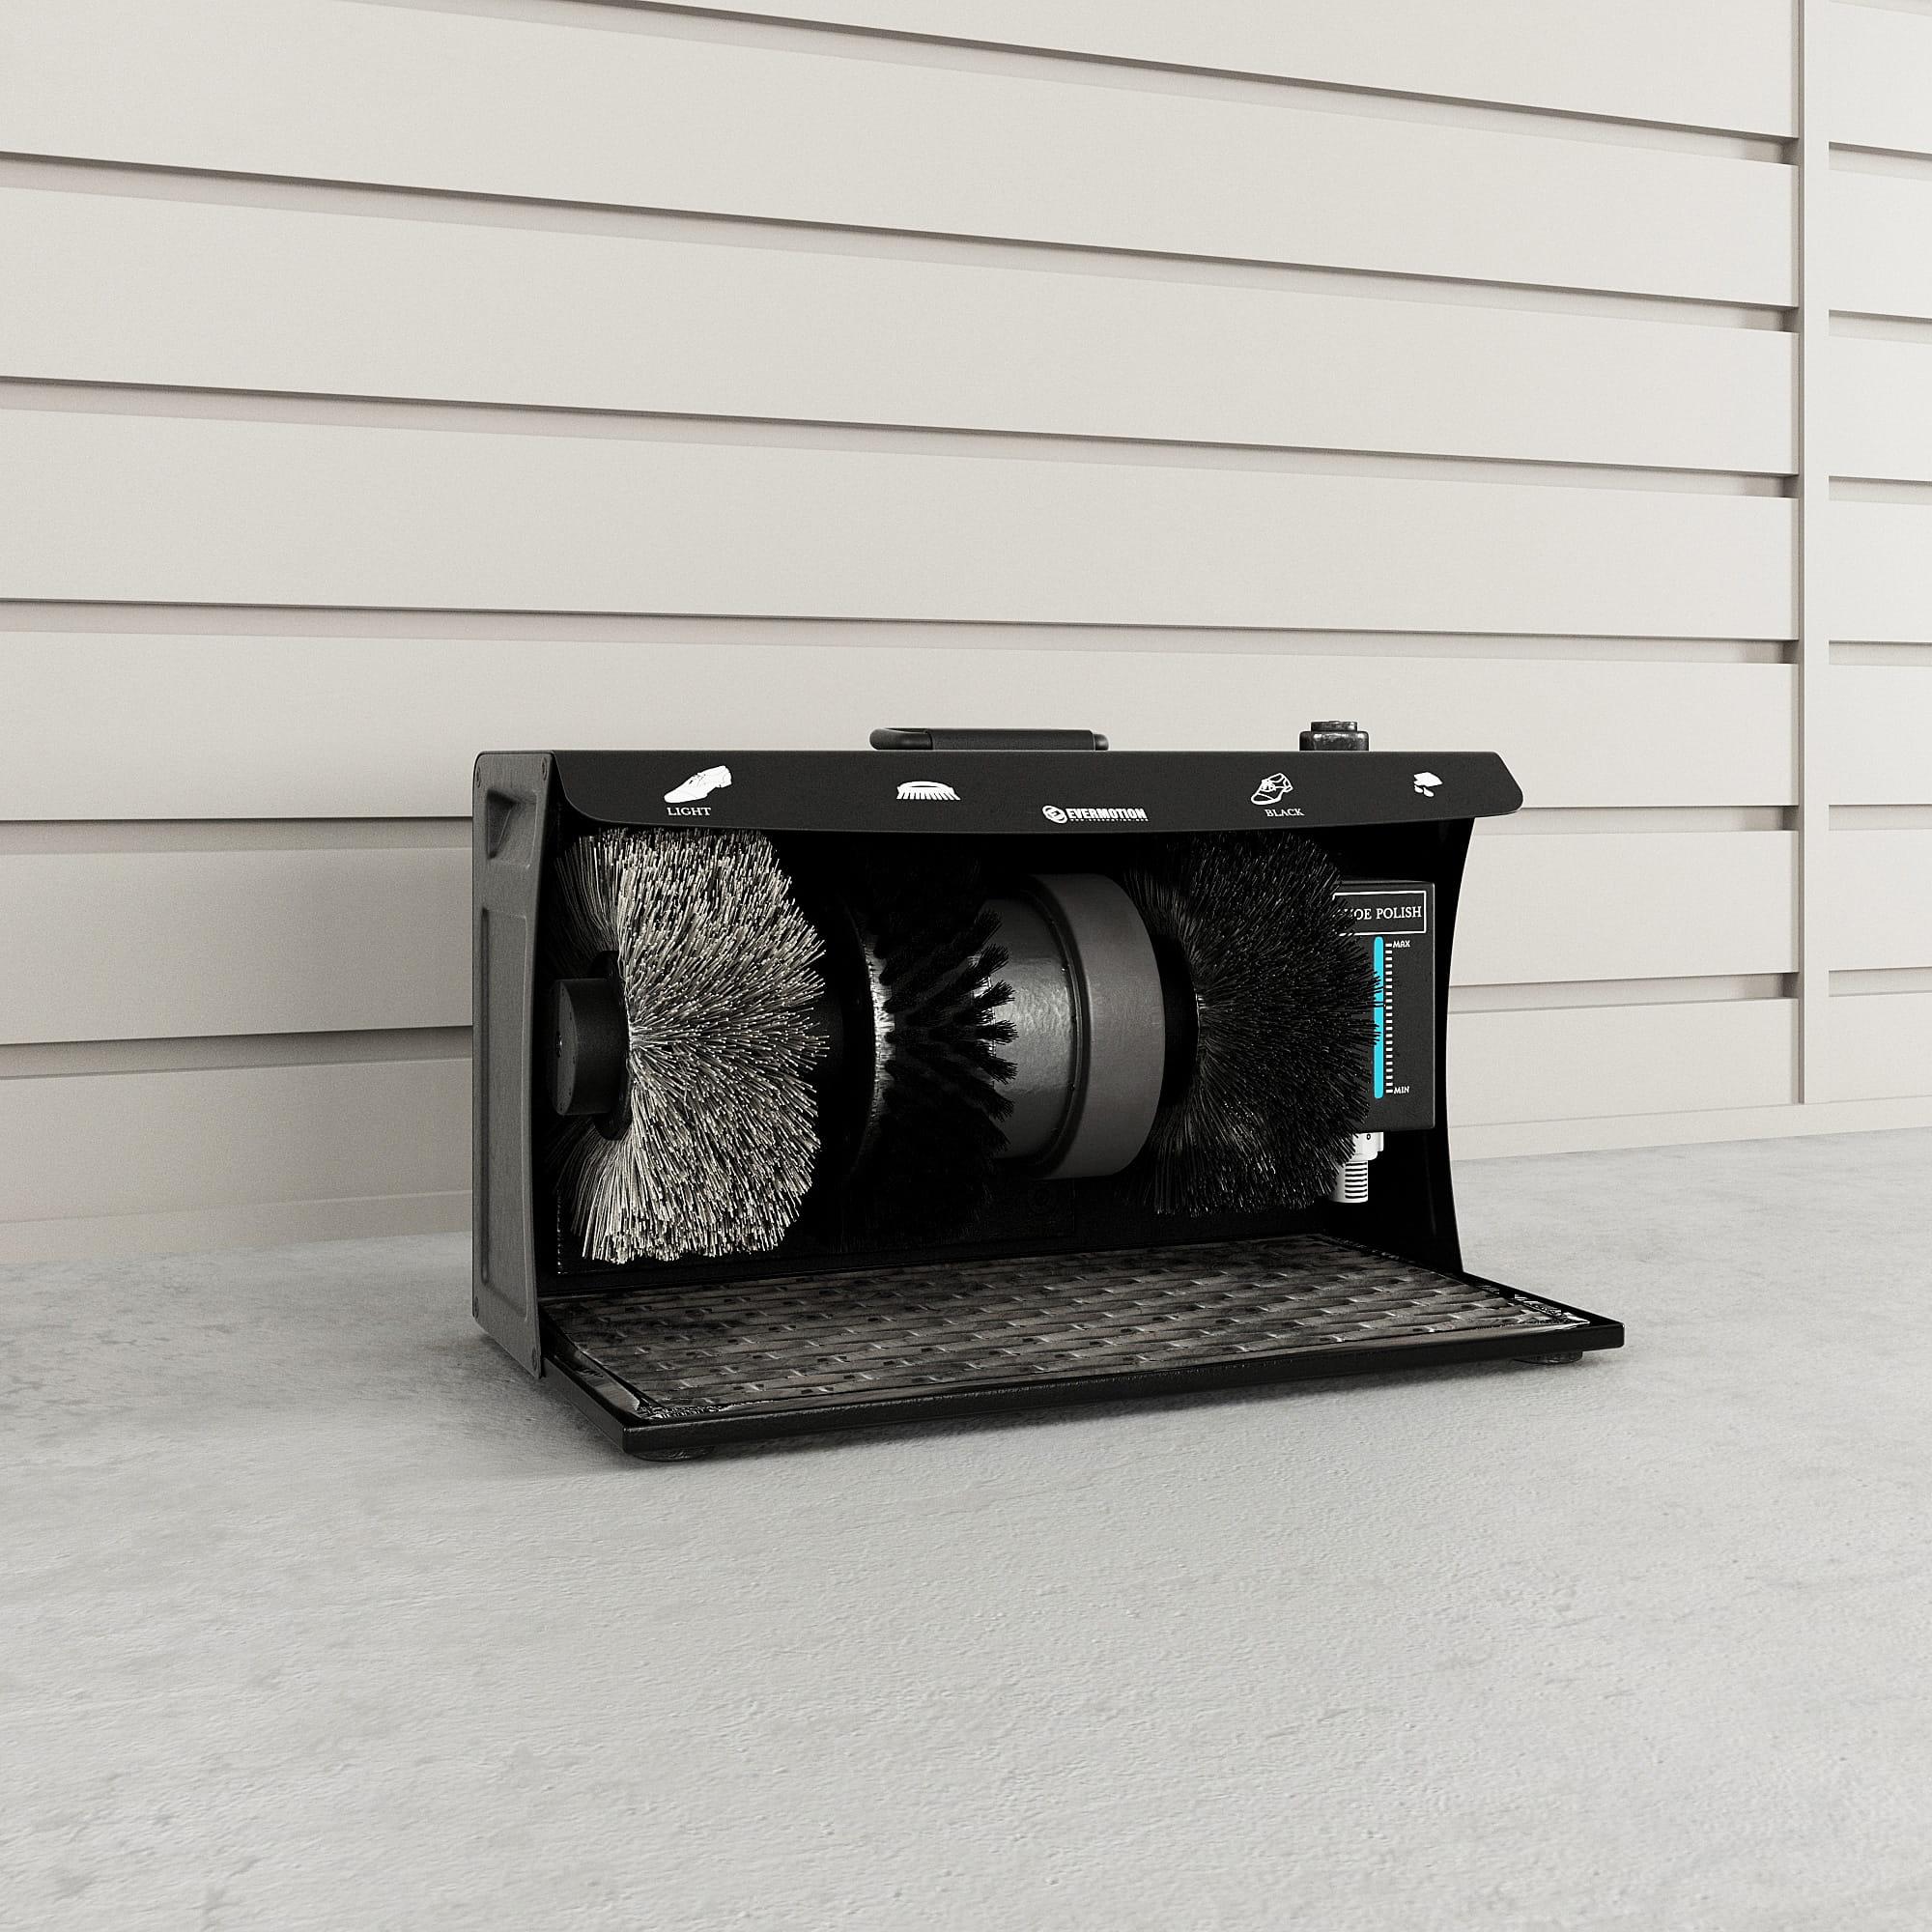 garage equipment 37 AM222 Archmodels